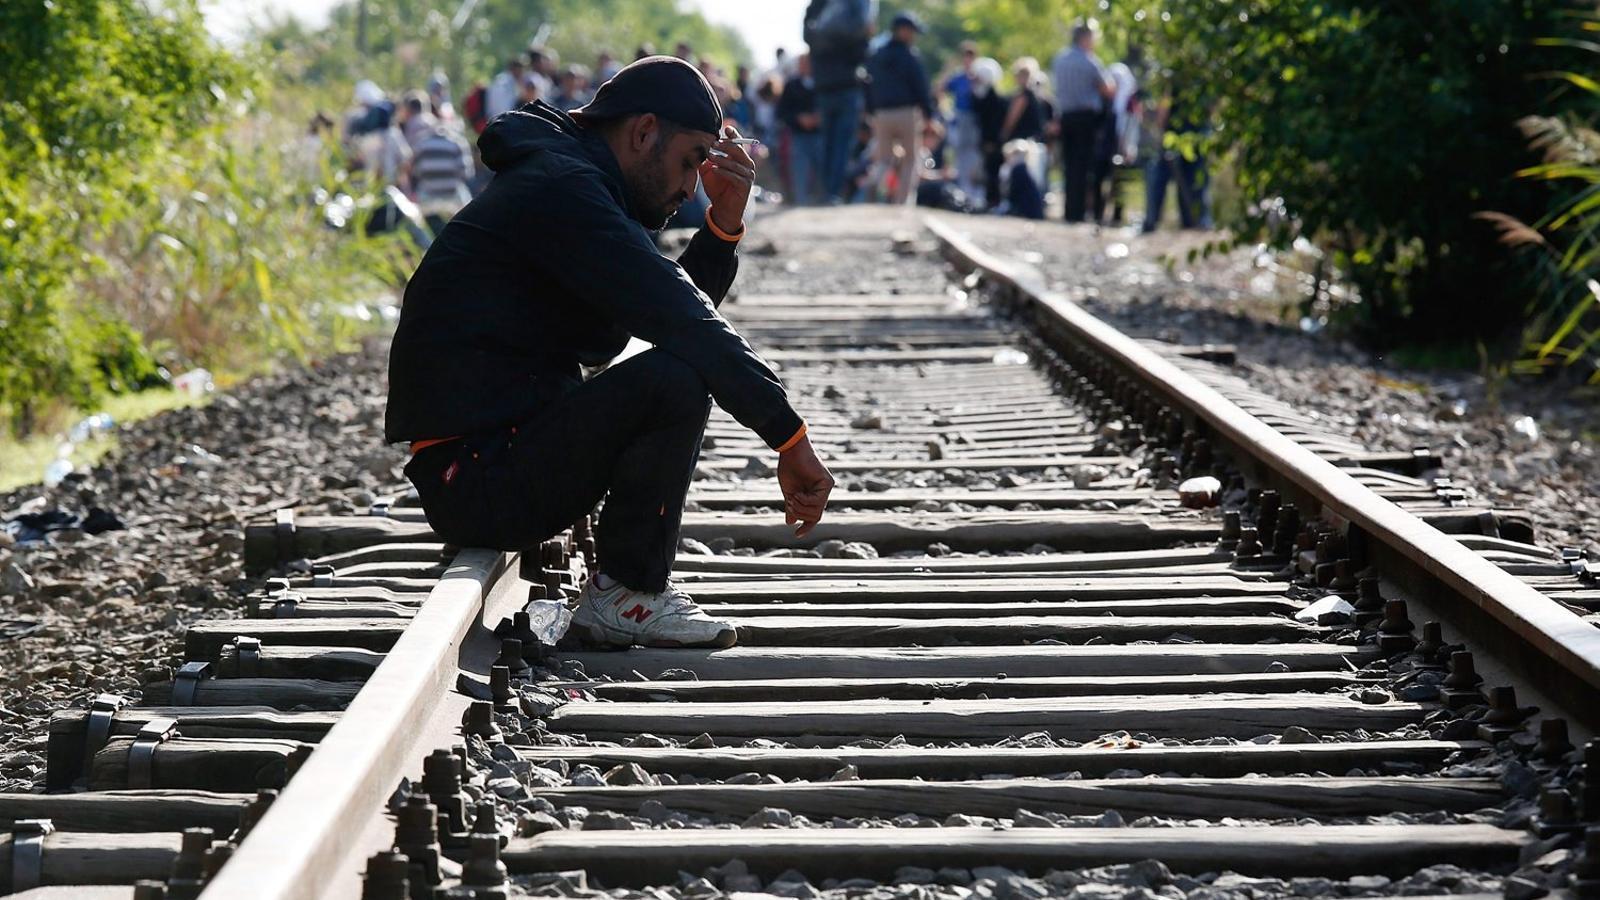 REFUGIADOS-UE II - Página 2 Que-refugiats-Estats-Units-no_1427267294_3263092_651x366